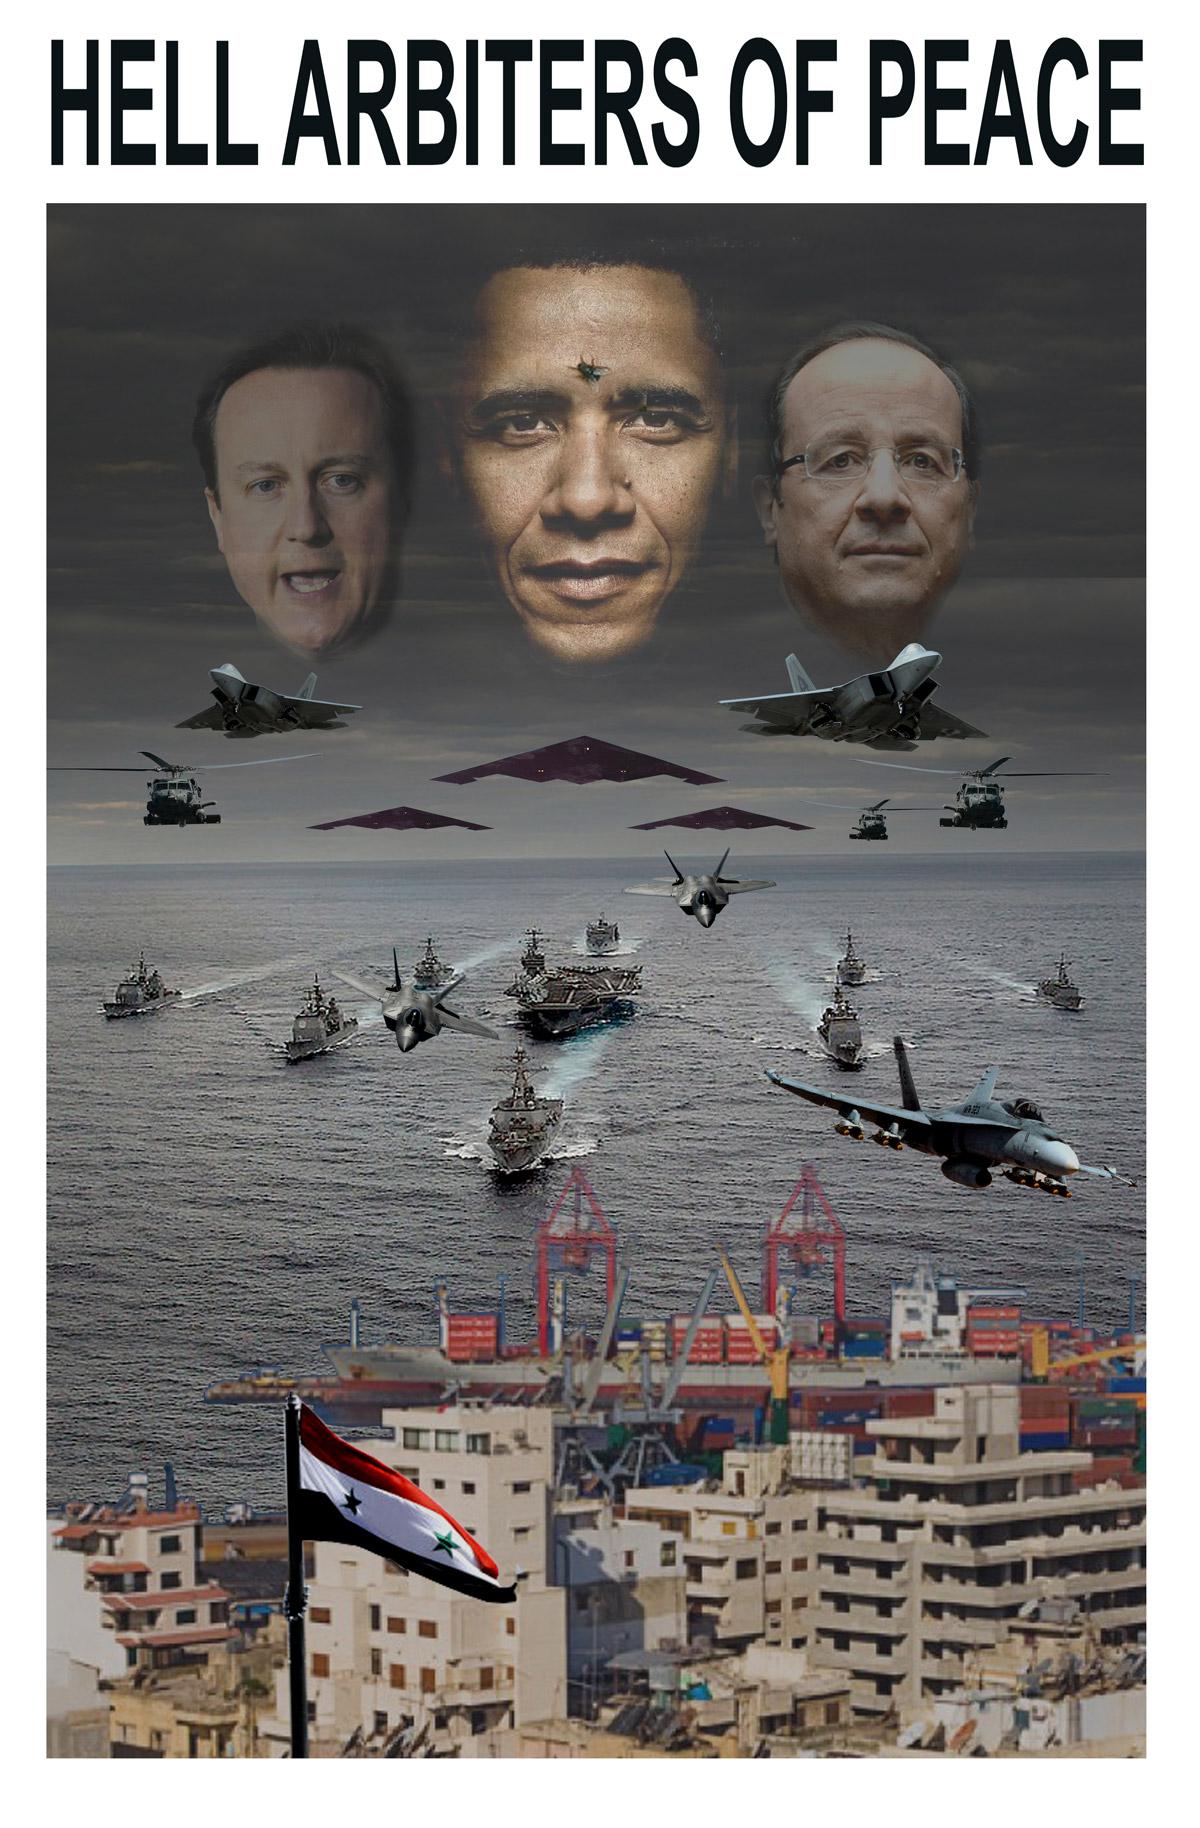 гастарбайтеры войны